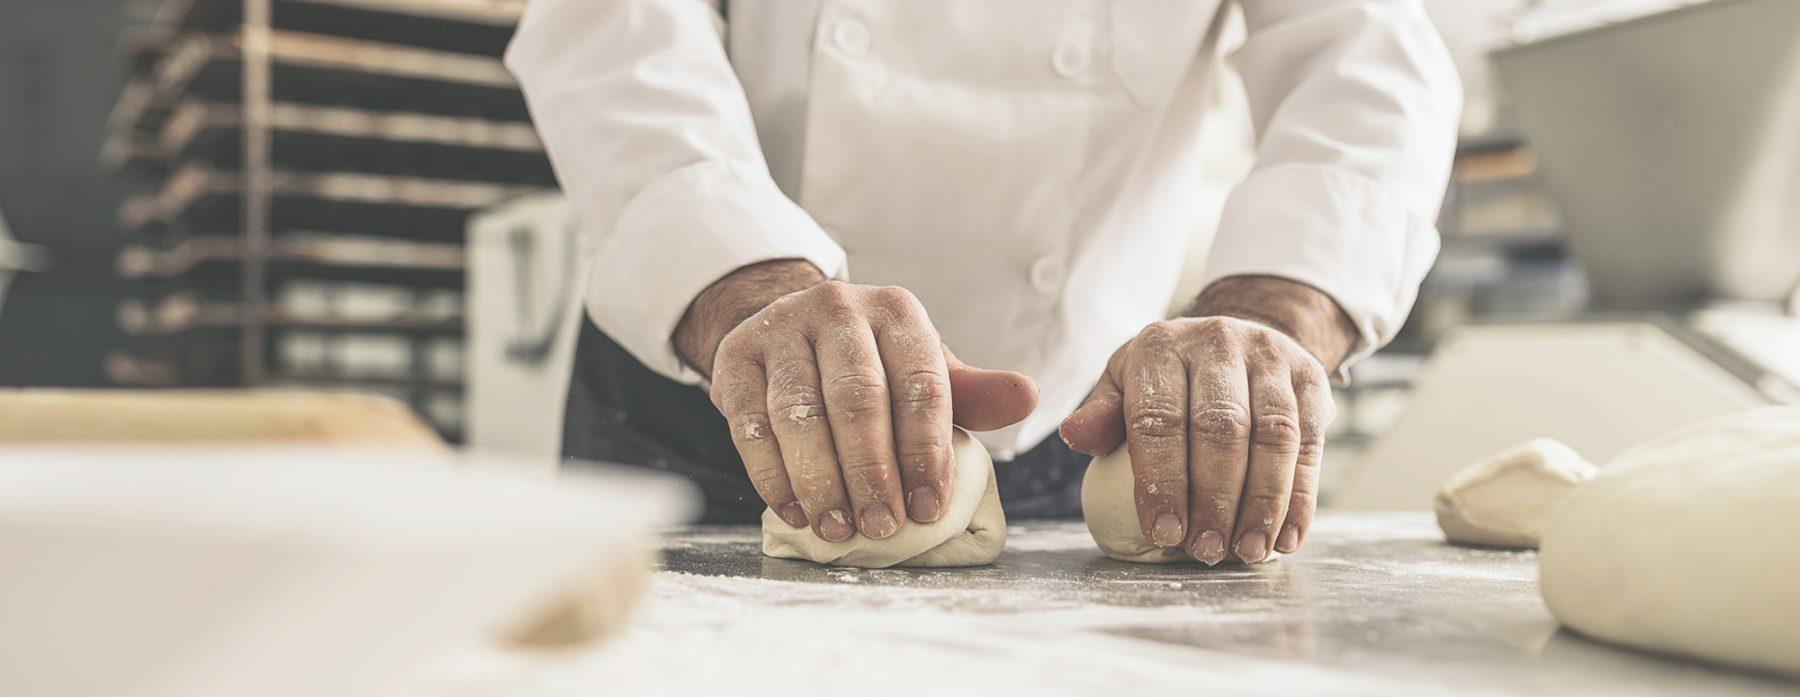 Bäcker knetet Teig.